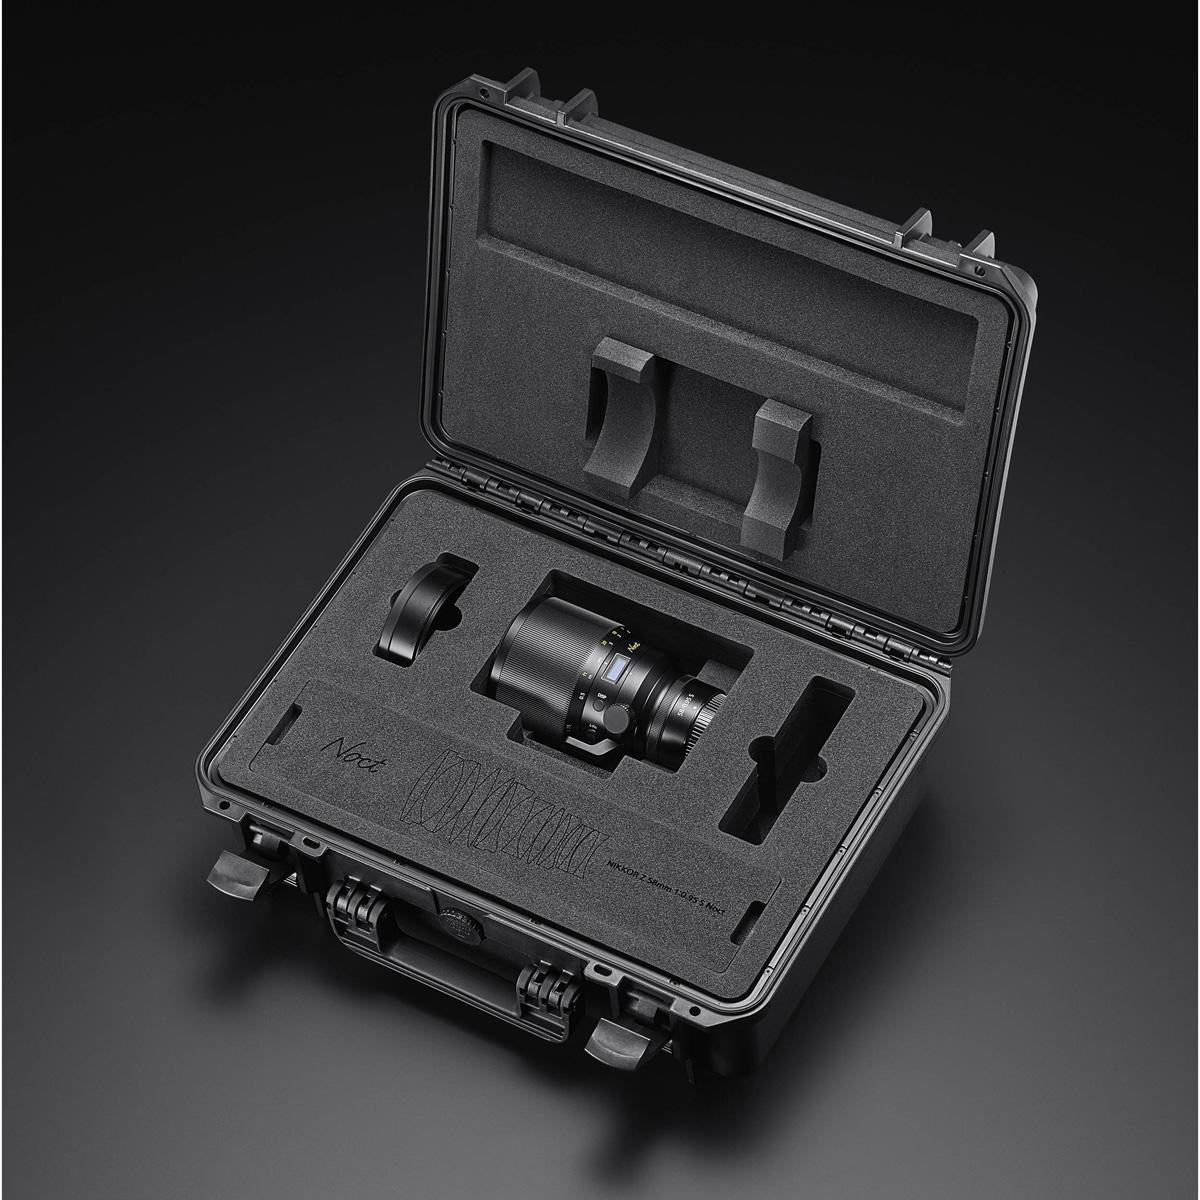 V části molitanové výstelky horního víka kufru je vyřezané schéma optické konstrukce objektivu –příjemná drobnost. Na fotografii je jí zakrytý prostor kufru, kam můžete umístit až dvě těla Nikonu Z 6 nebo Z 7.